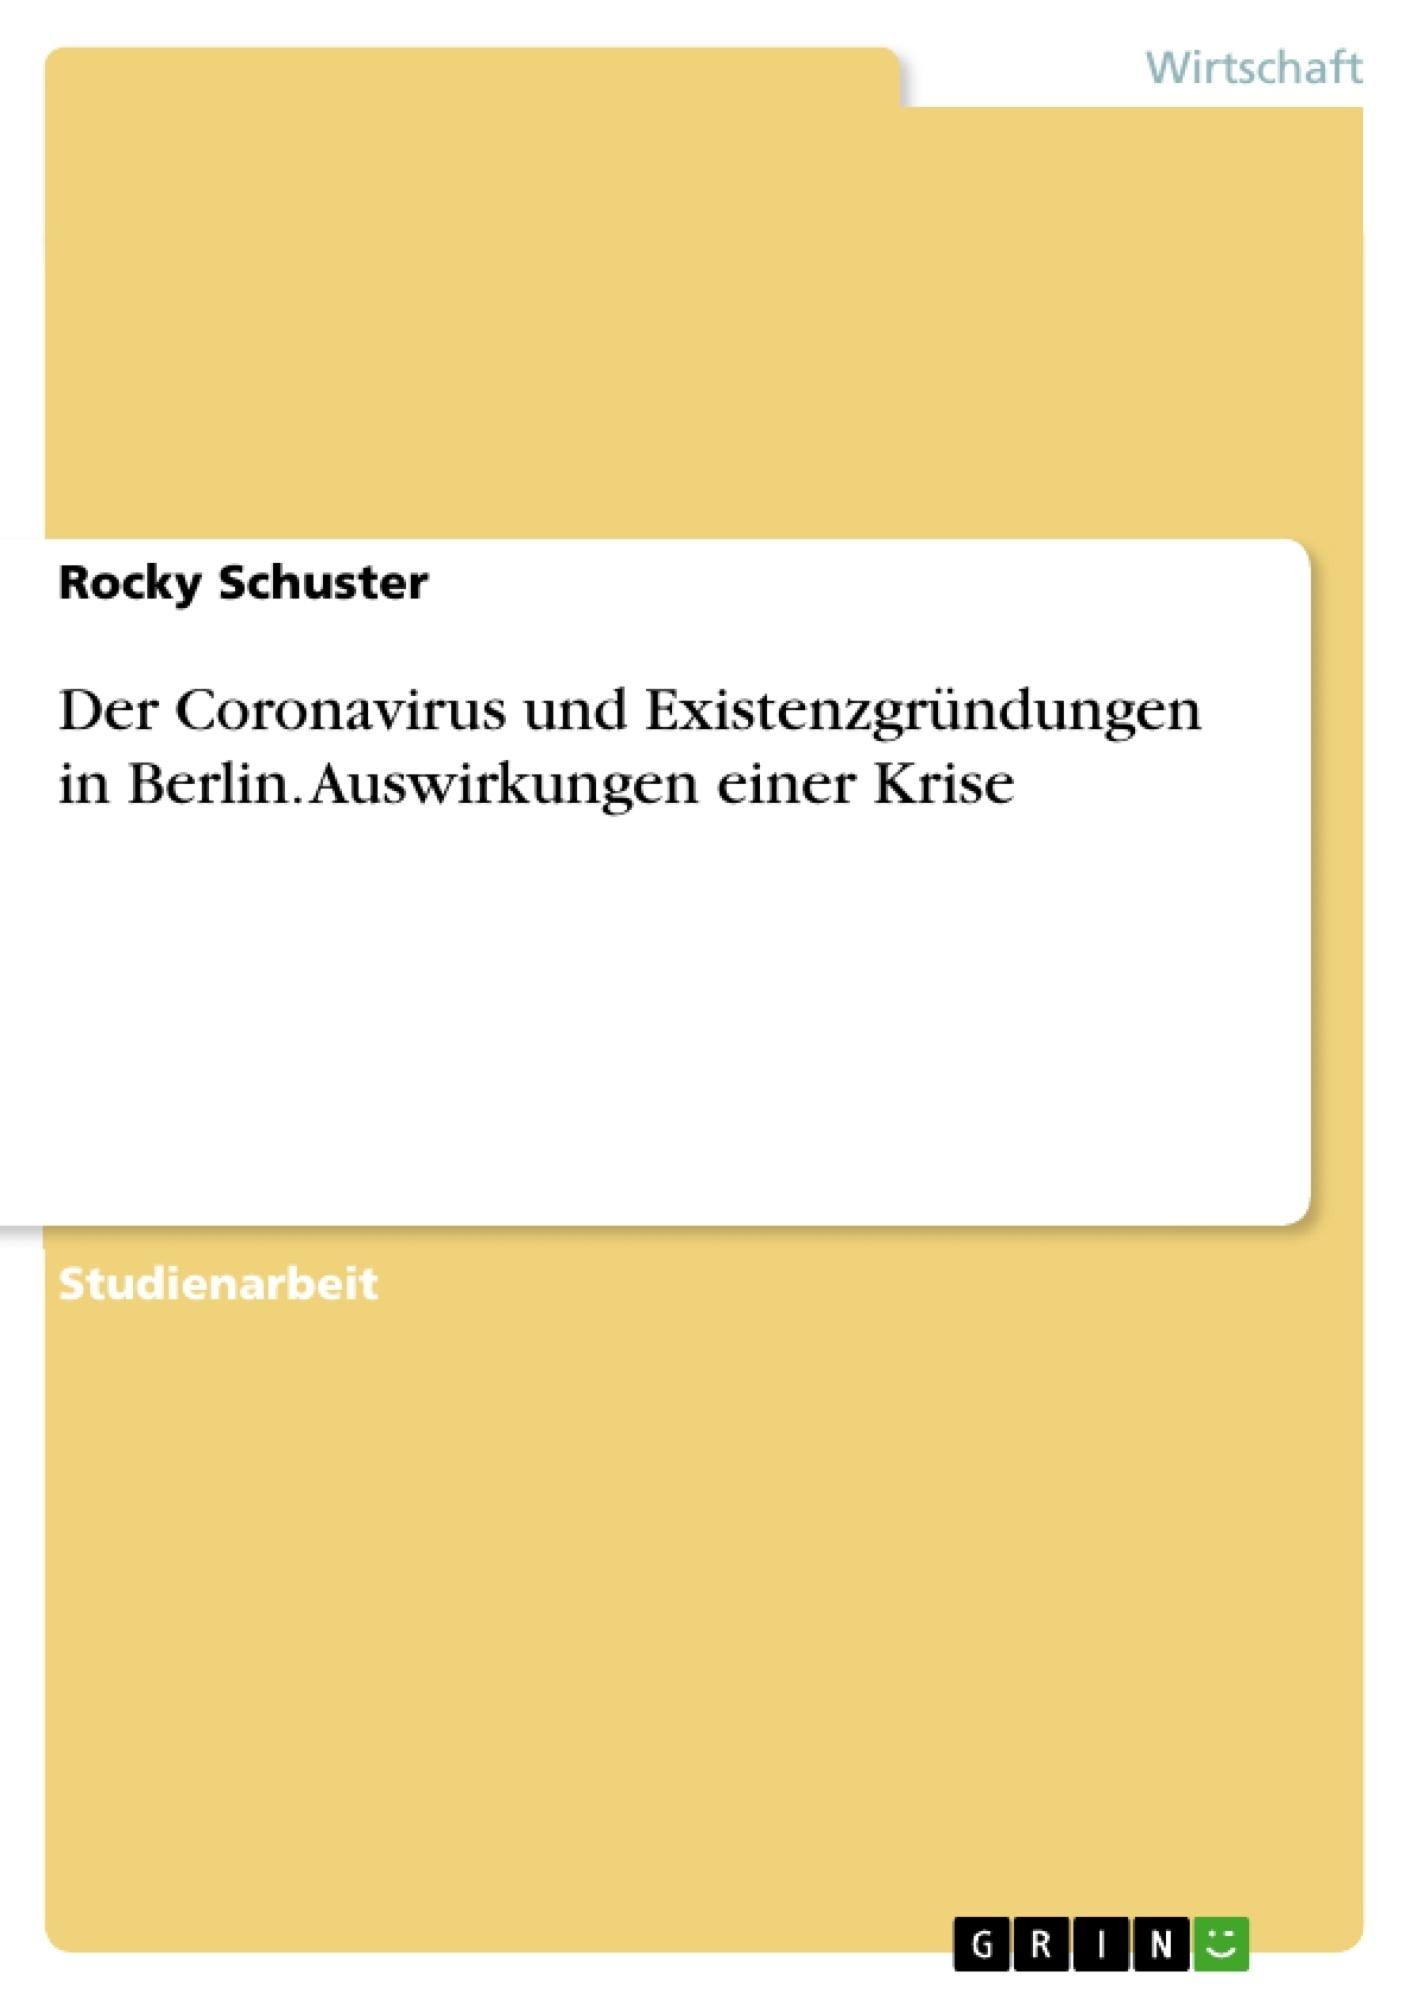 Titel: Der Corona Virus und Existenzgründungen in Berlin. Auswirkungen einer Krise